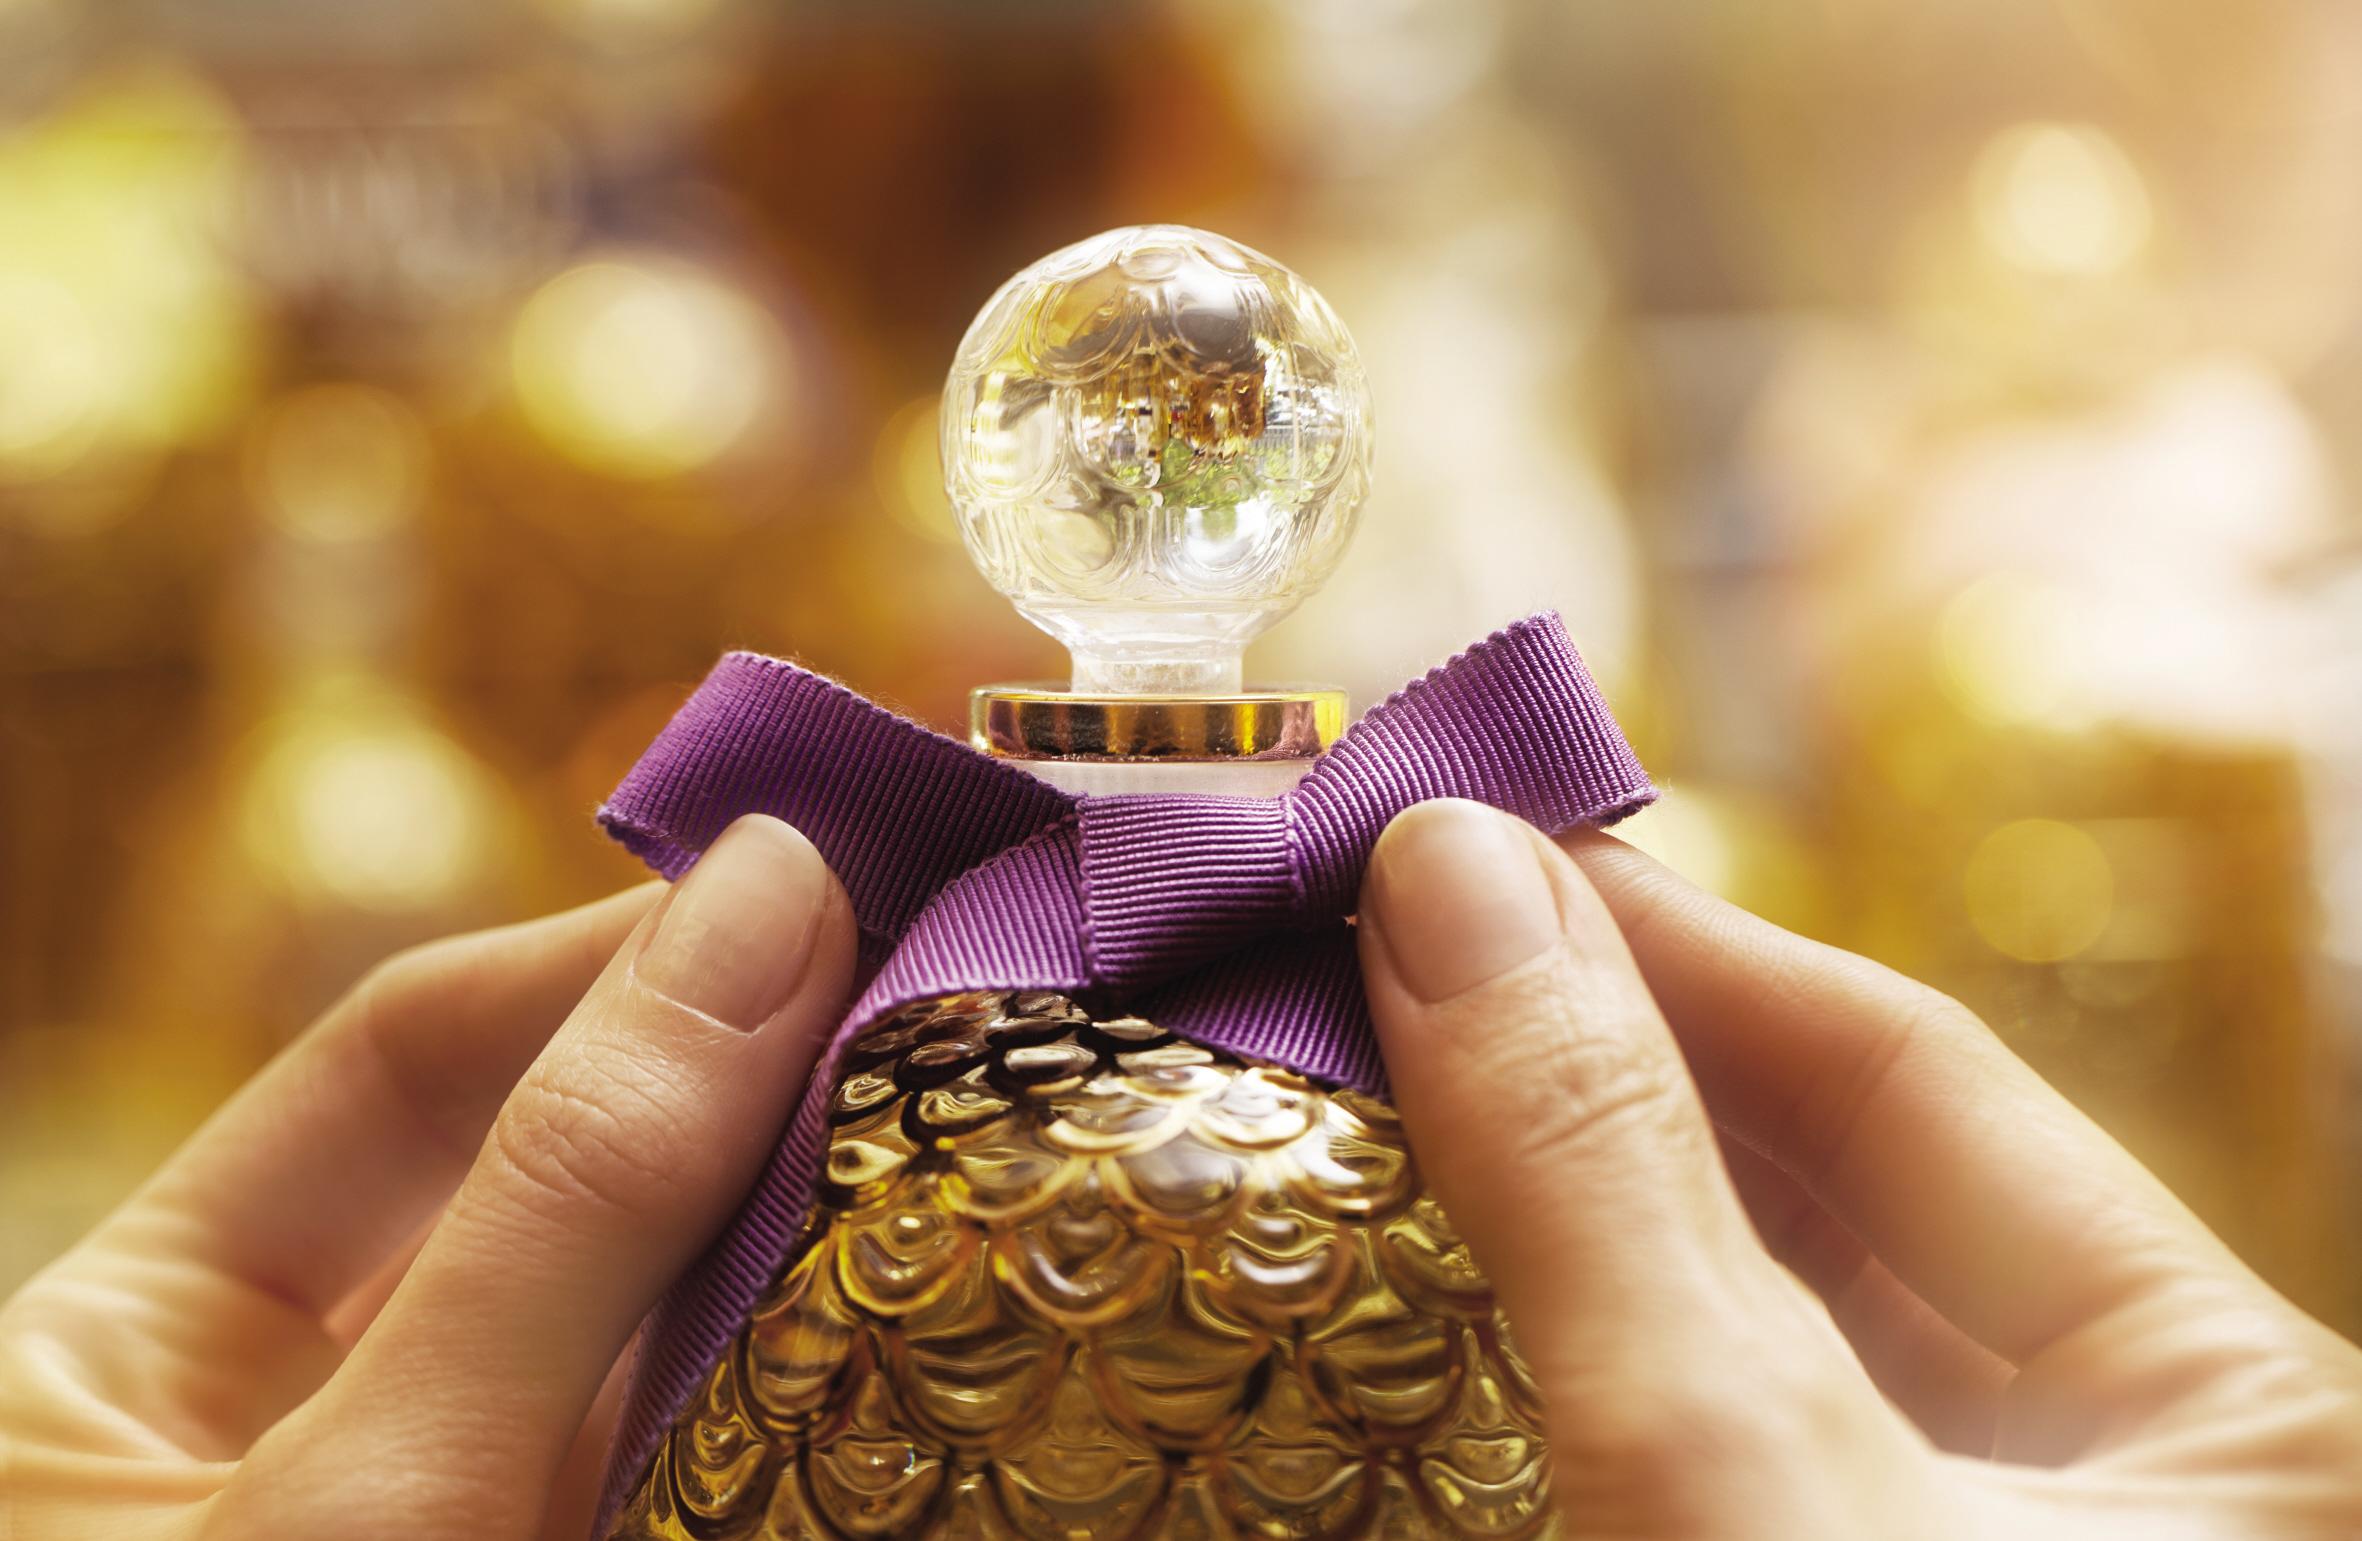 Si te gustan los objetos exclusivos y con mucha historia, no puede faltar en tu tocador uno de los perfumes míticos, cuyo frasco además es una auténtica joya.